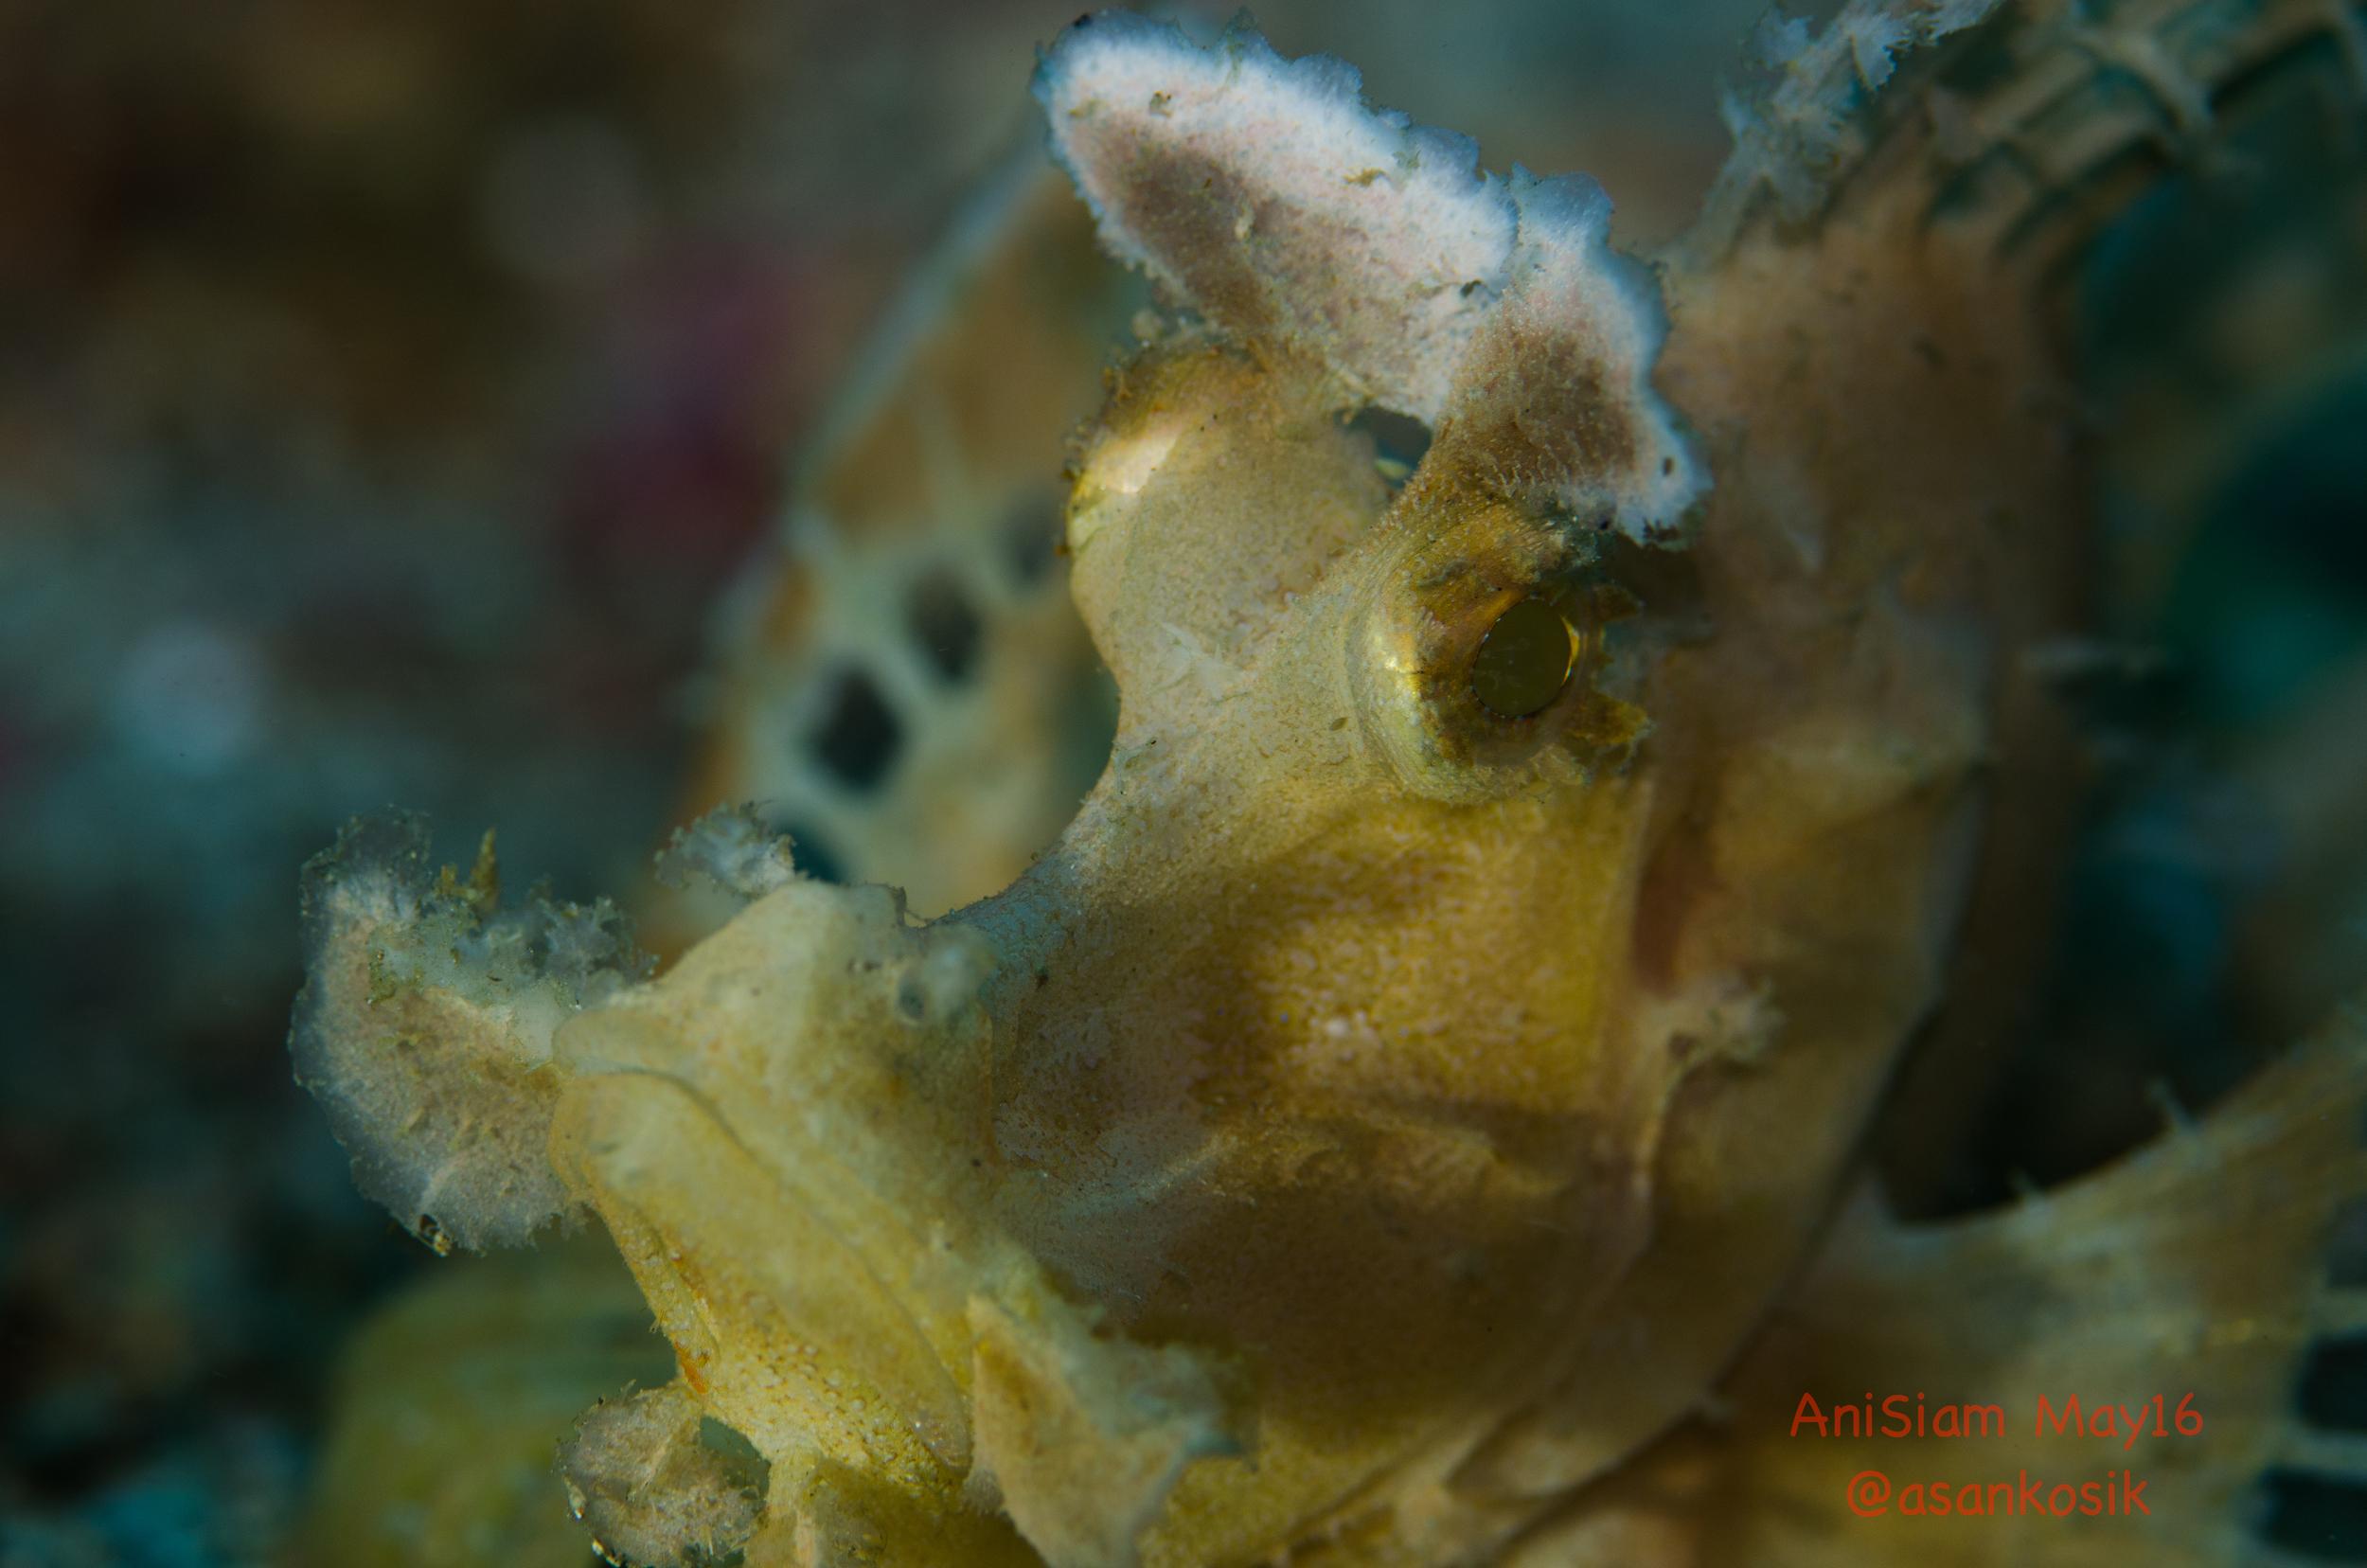 Anisiam diving-15.jpg